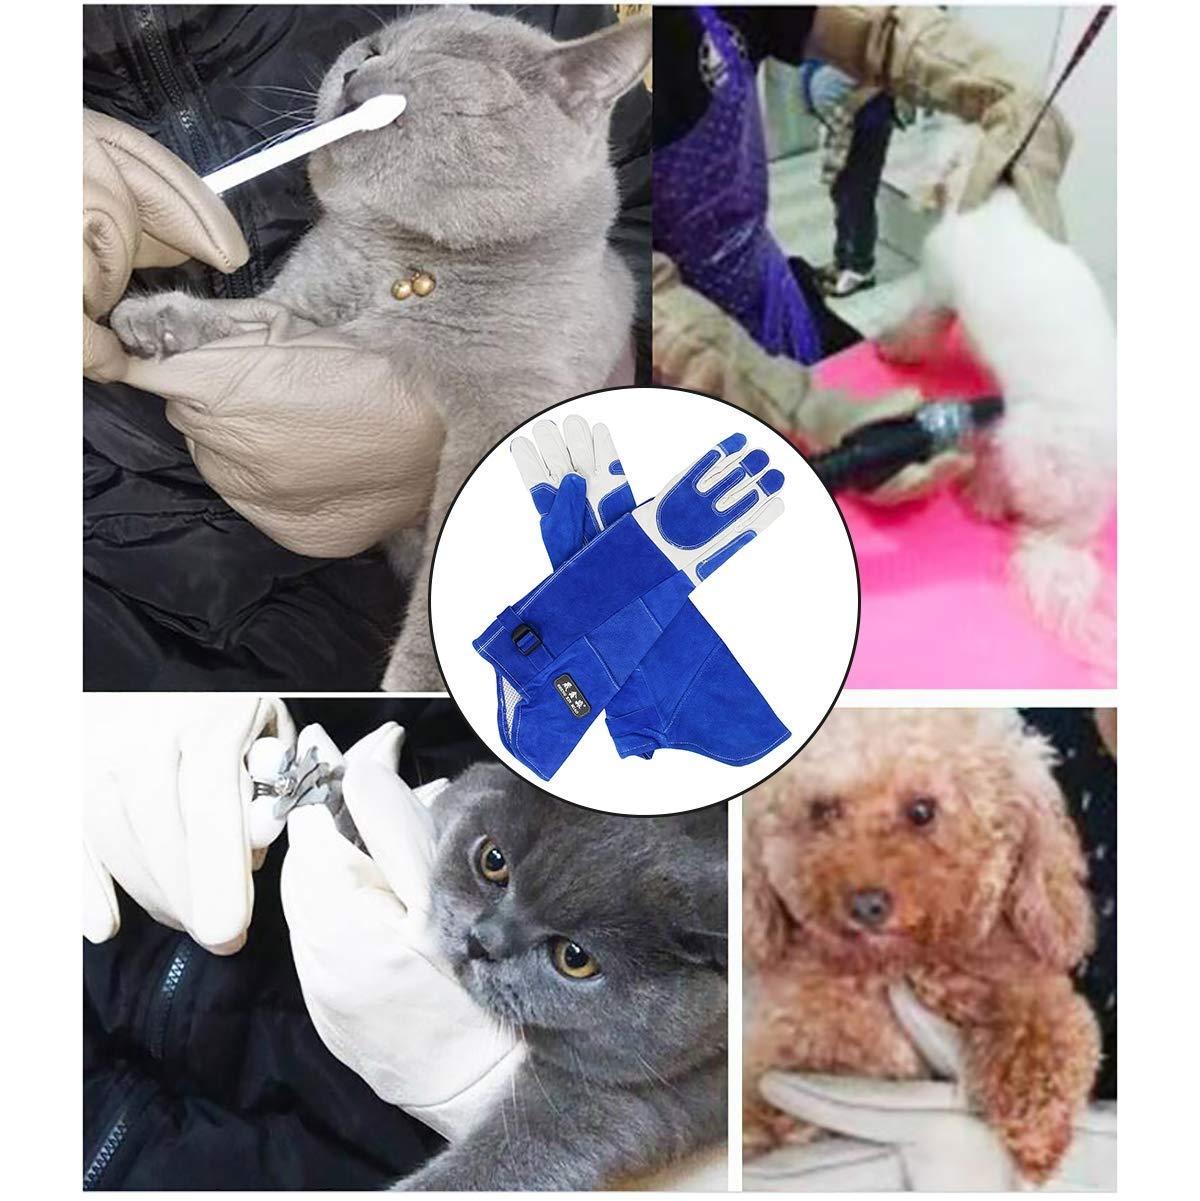 WYEA Guantes Anti-mordedura Rasgu/ño de Manipulaci/ón Animales Color : A, Tama/ño : XL Guantes Protecci/ón Seguros y Duraderos para Mordidas Perros Gato Ave Serpiente Lucky